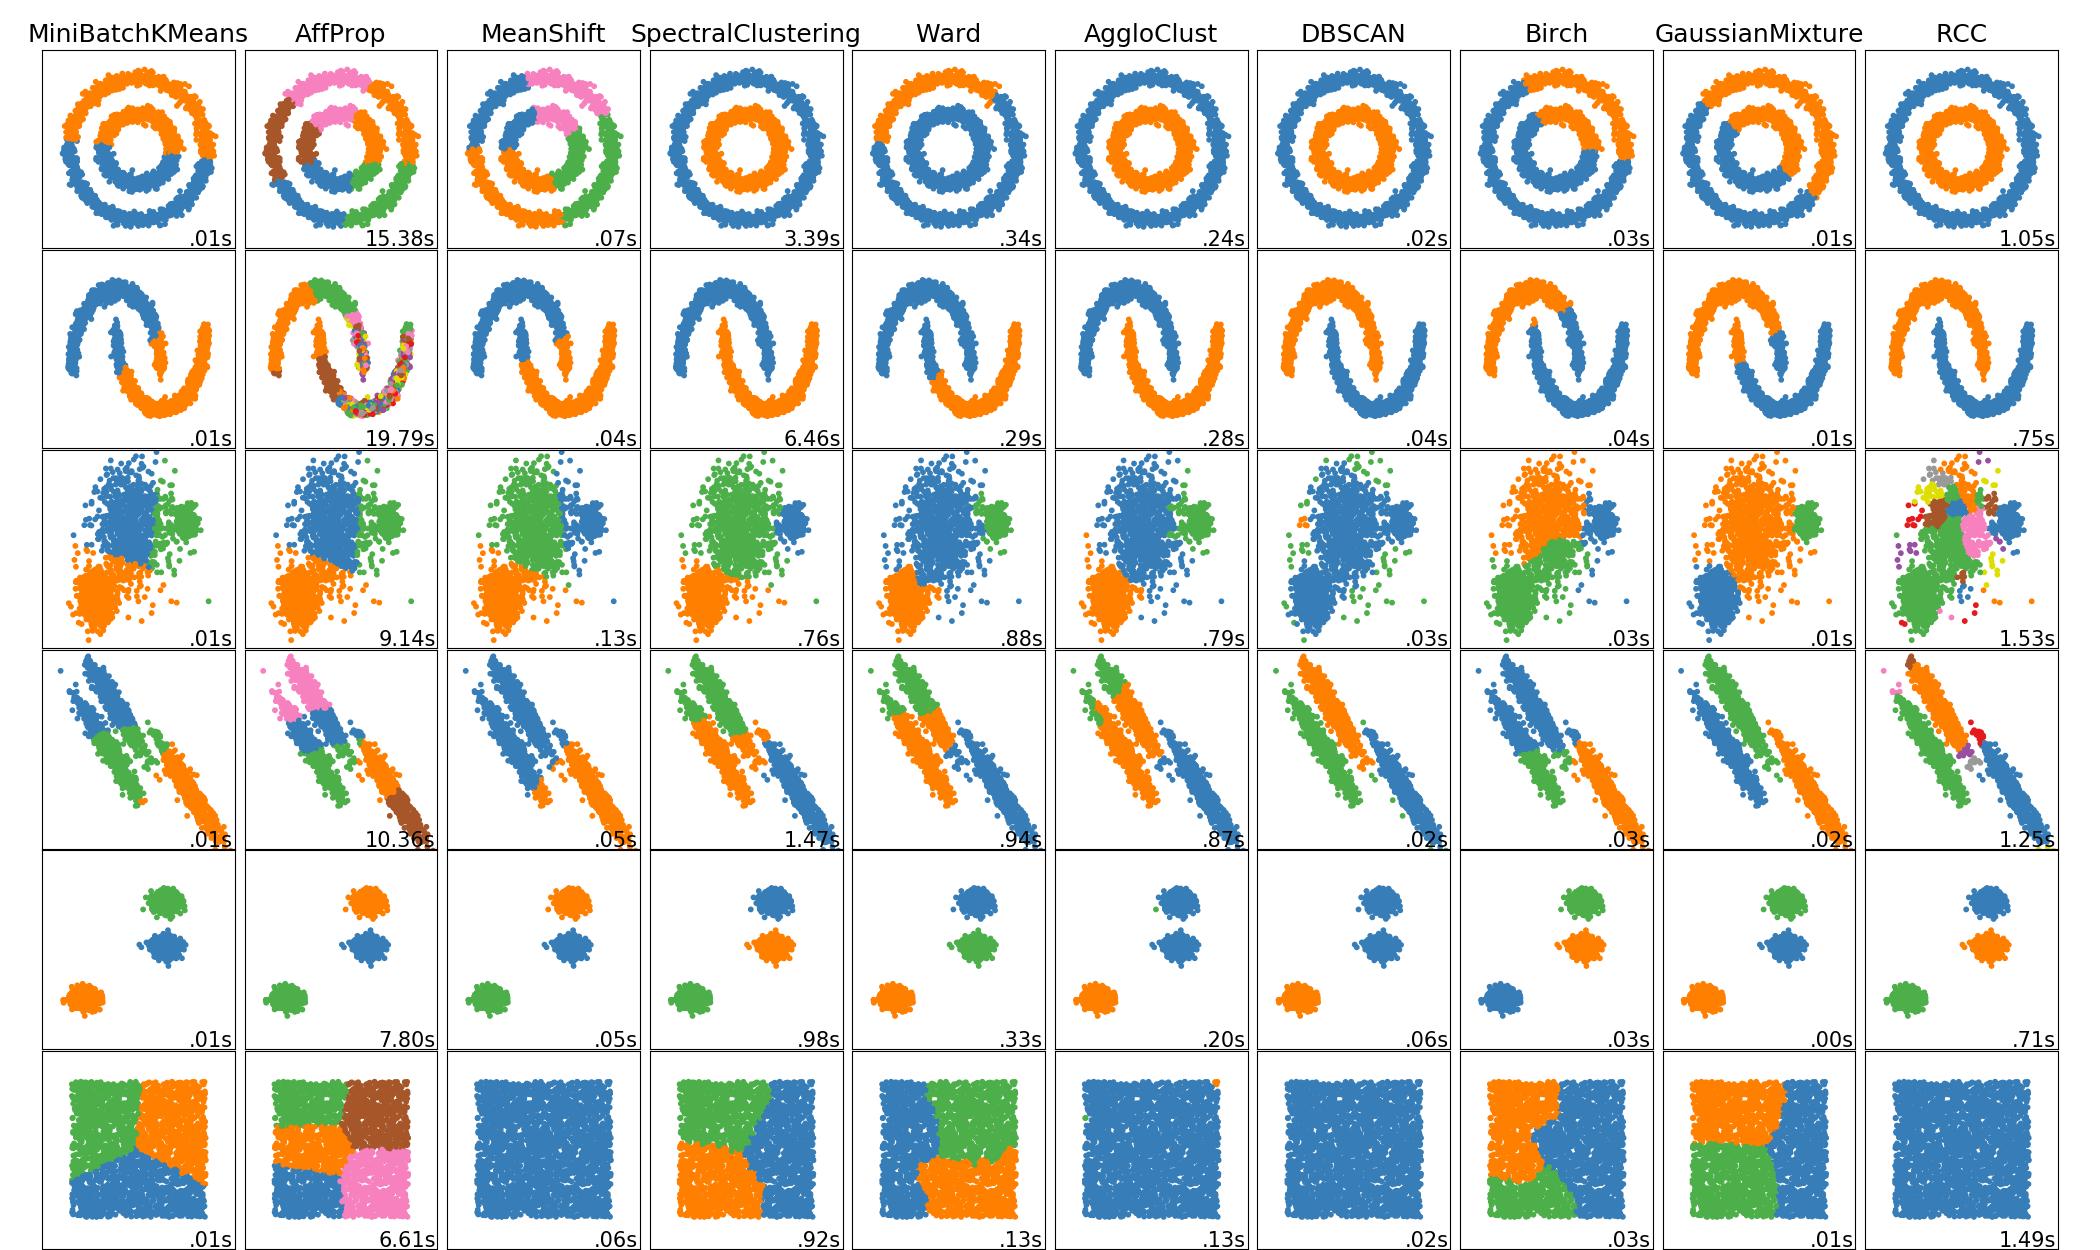 rcc_clustering